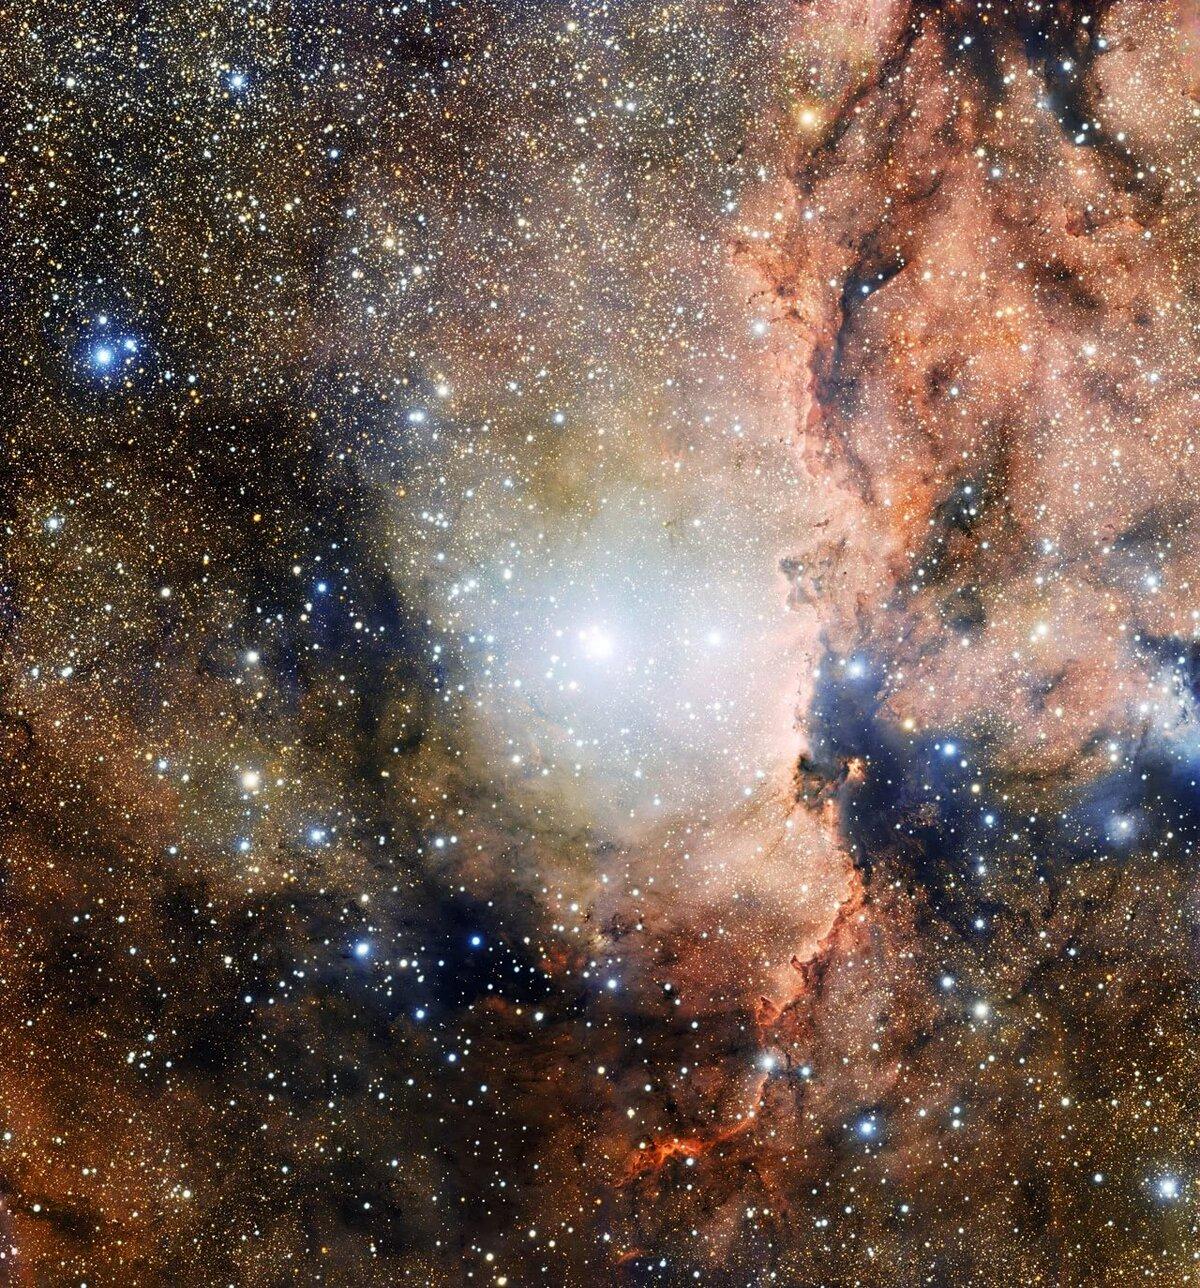 картинки с космосом и звездами сириус выполнена